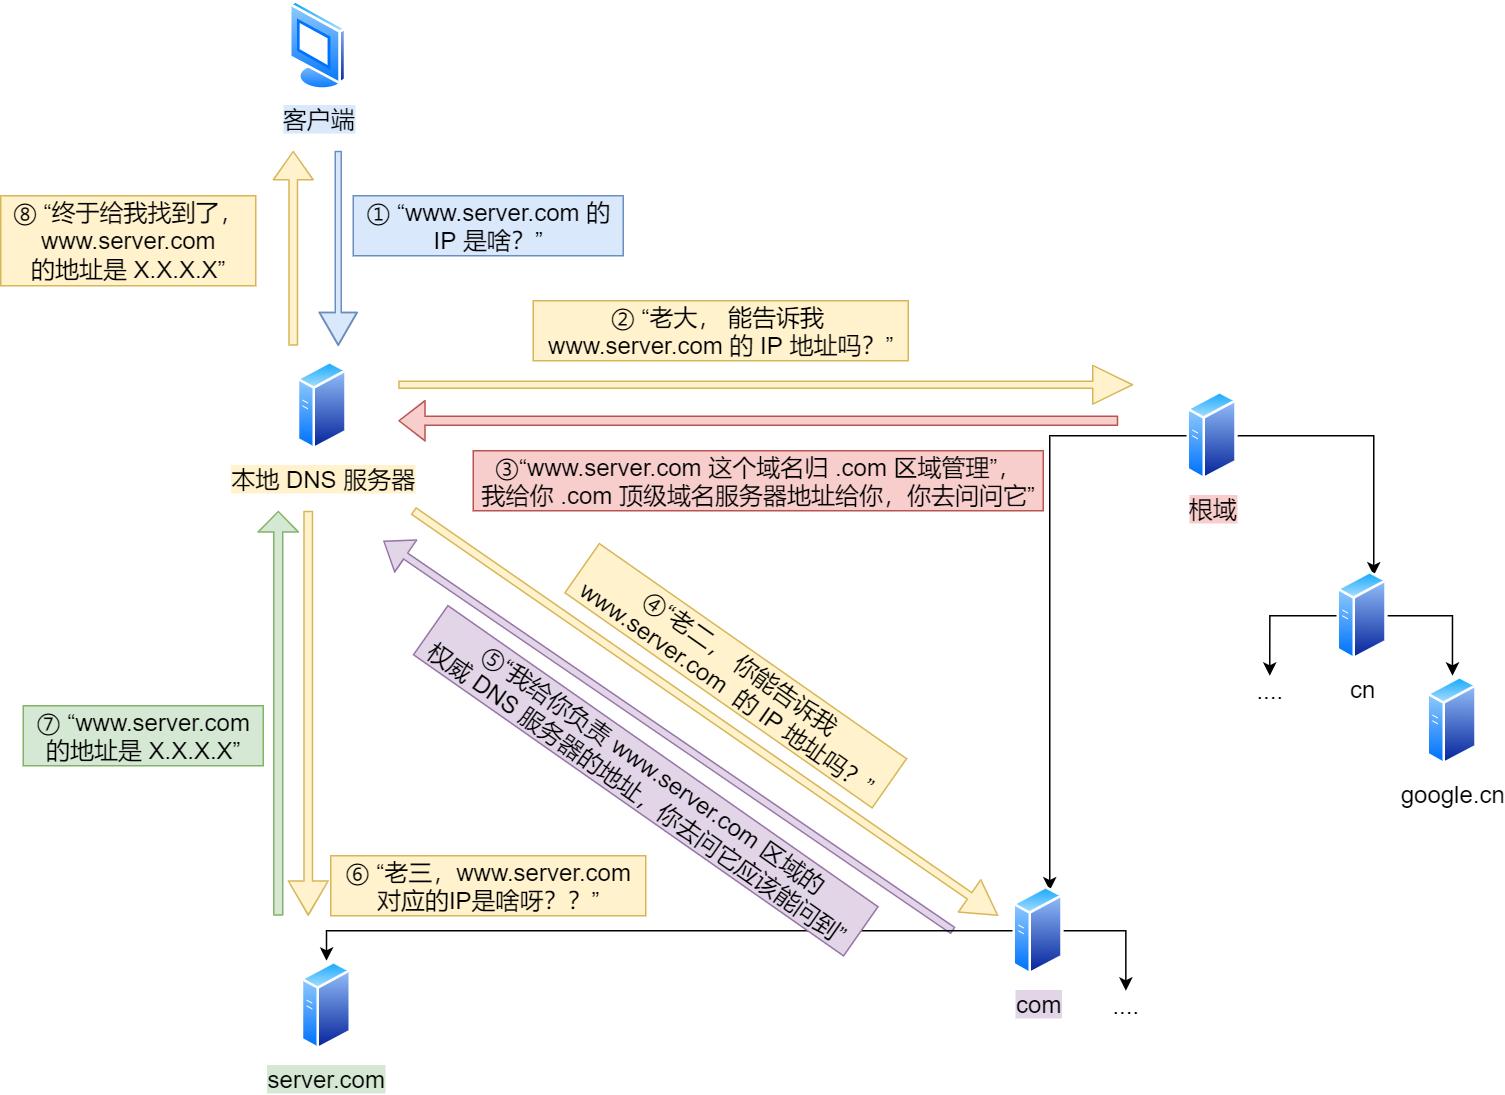 域名解析的工作流程